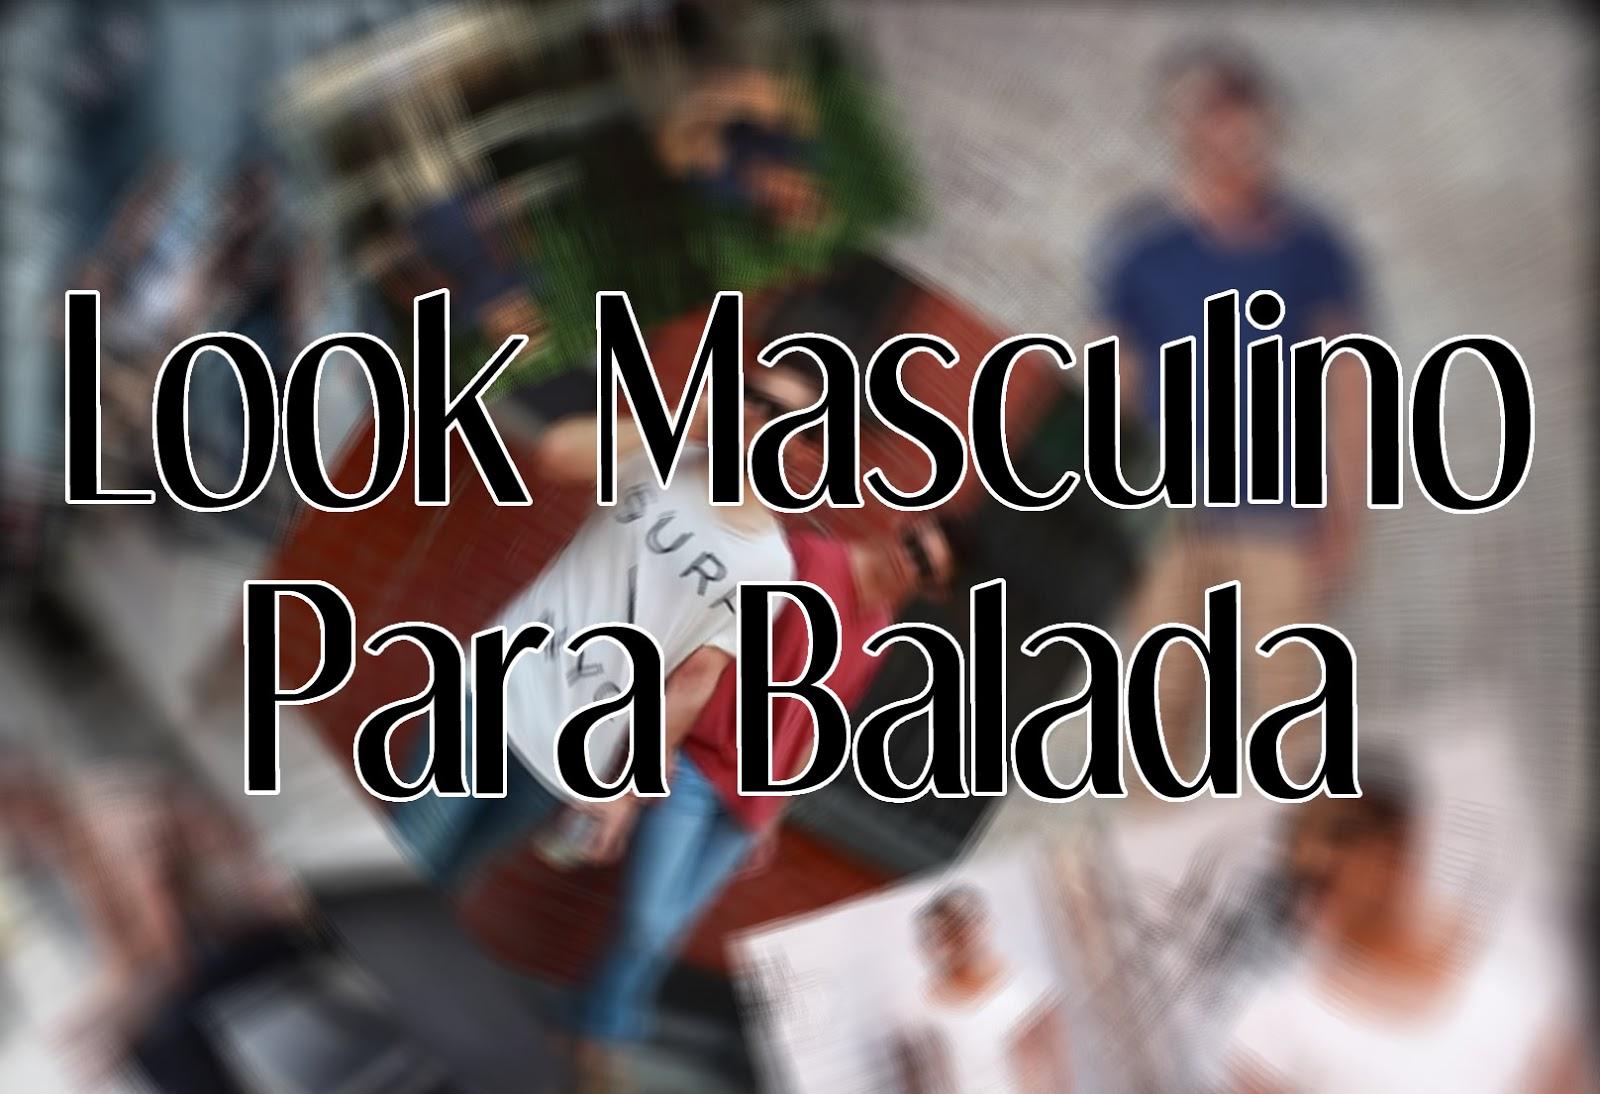 Look Masculino para Balada (1)